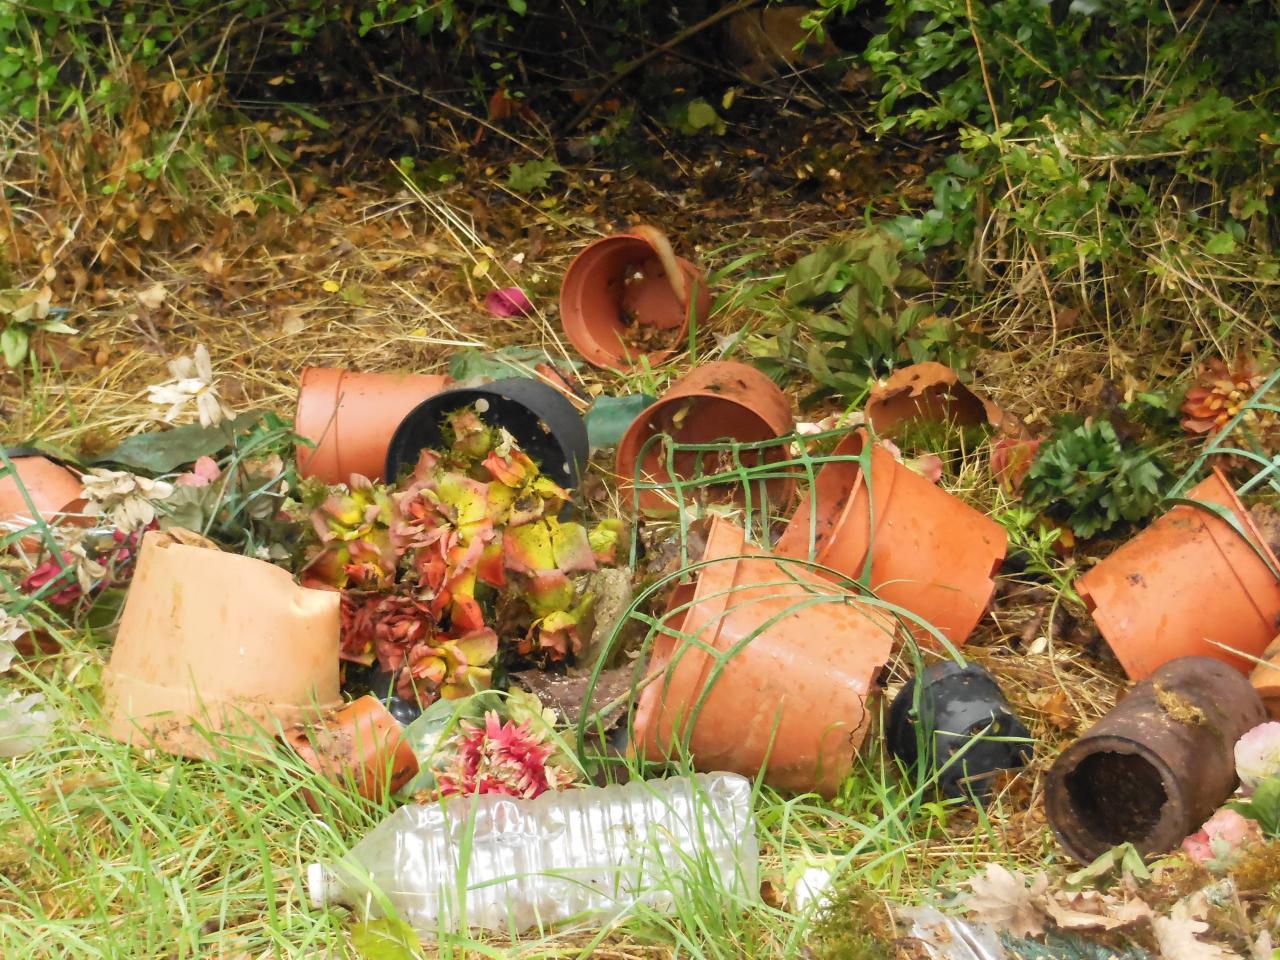 Nettoyage contre-bas du cimetière